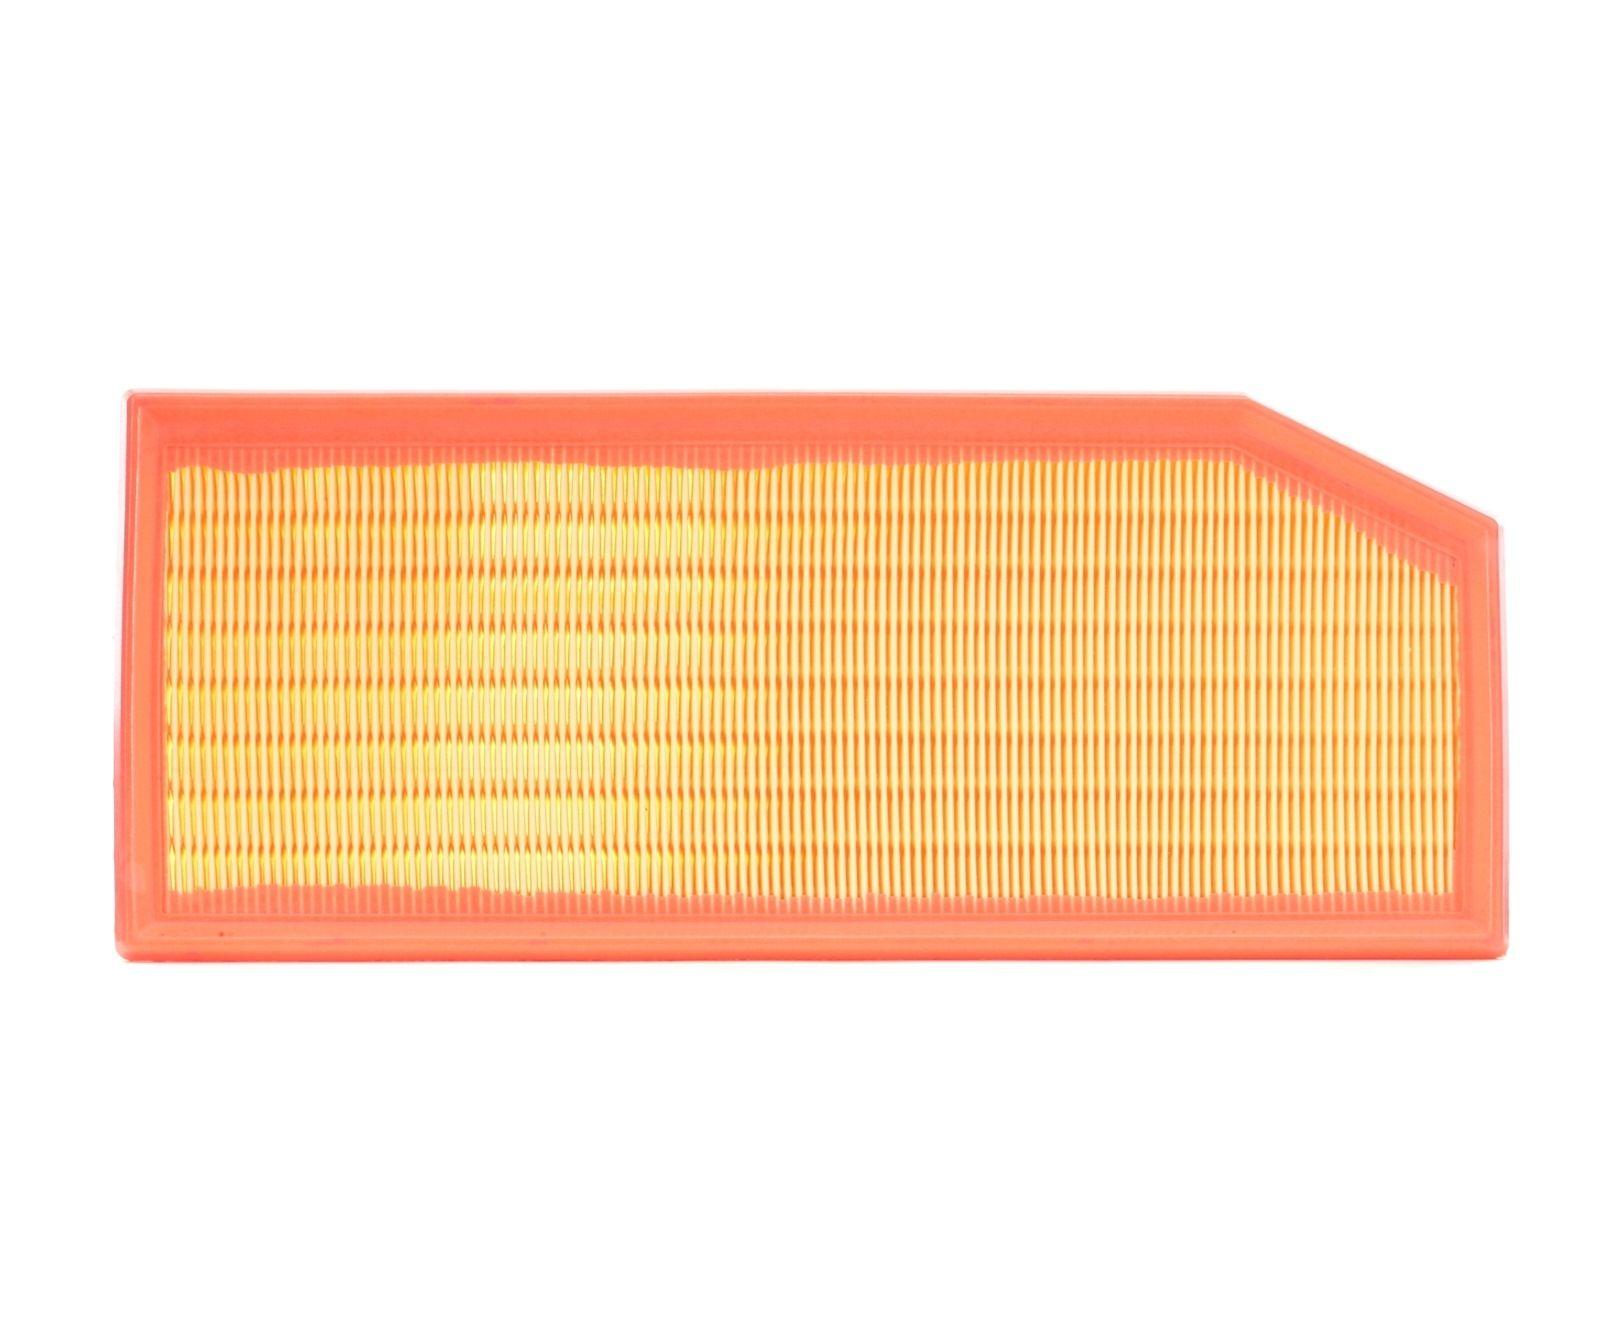 Zracni filter SKAF-0060022 STARK - samo novi deli